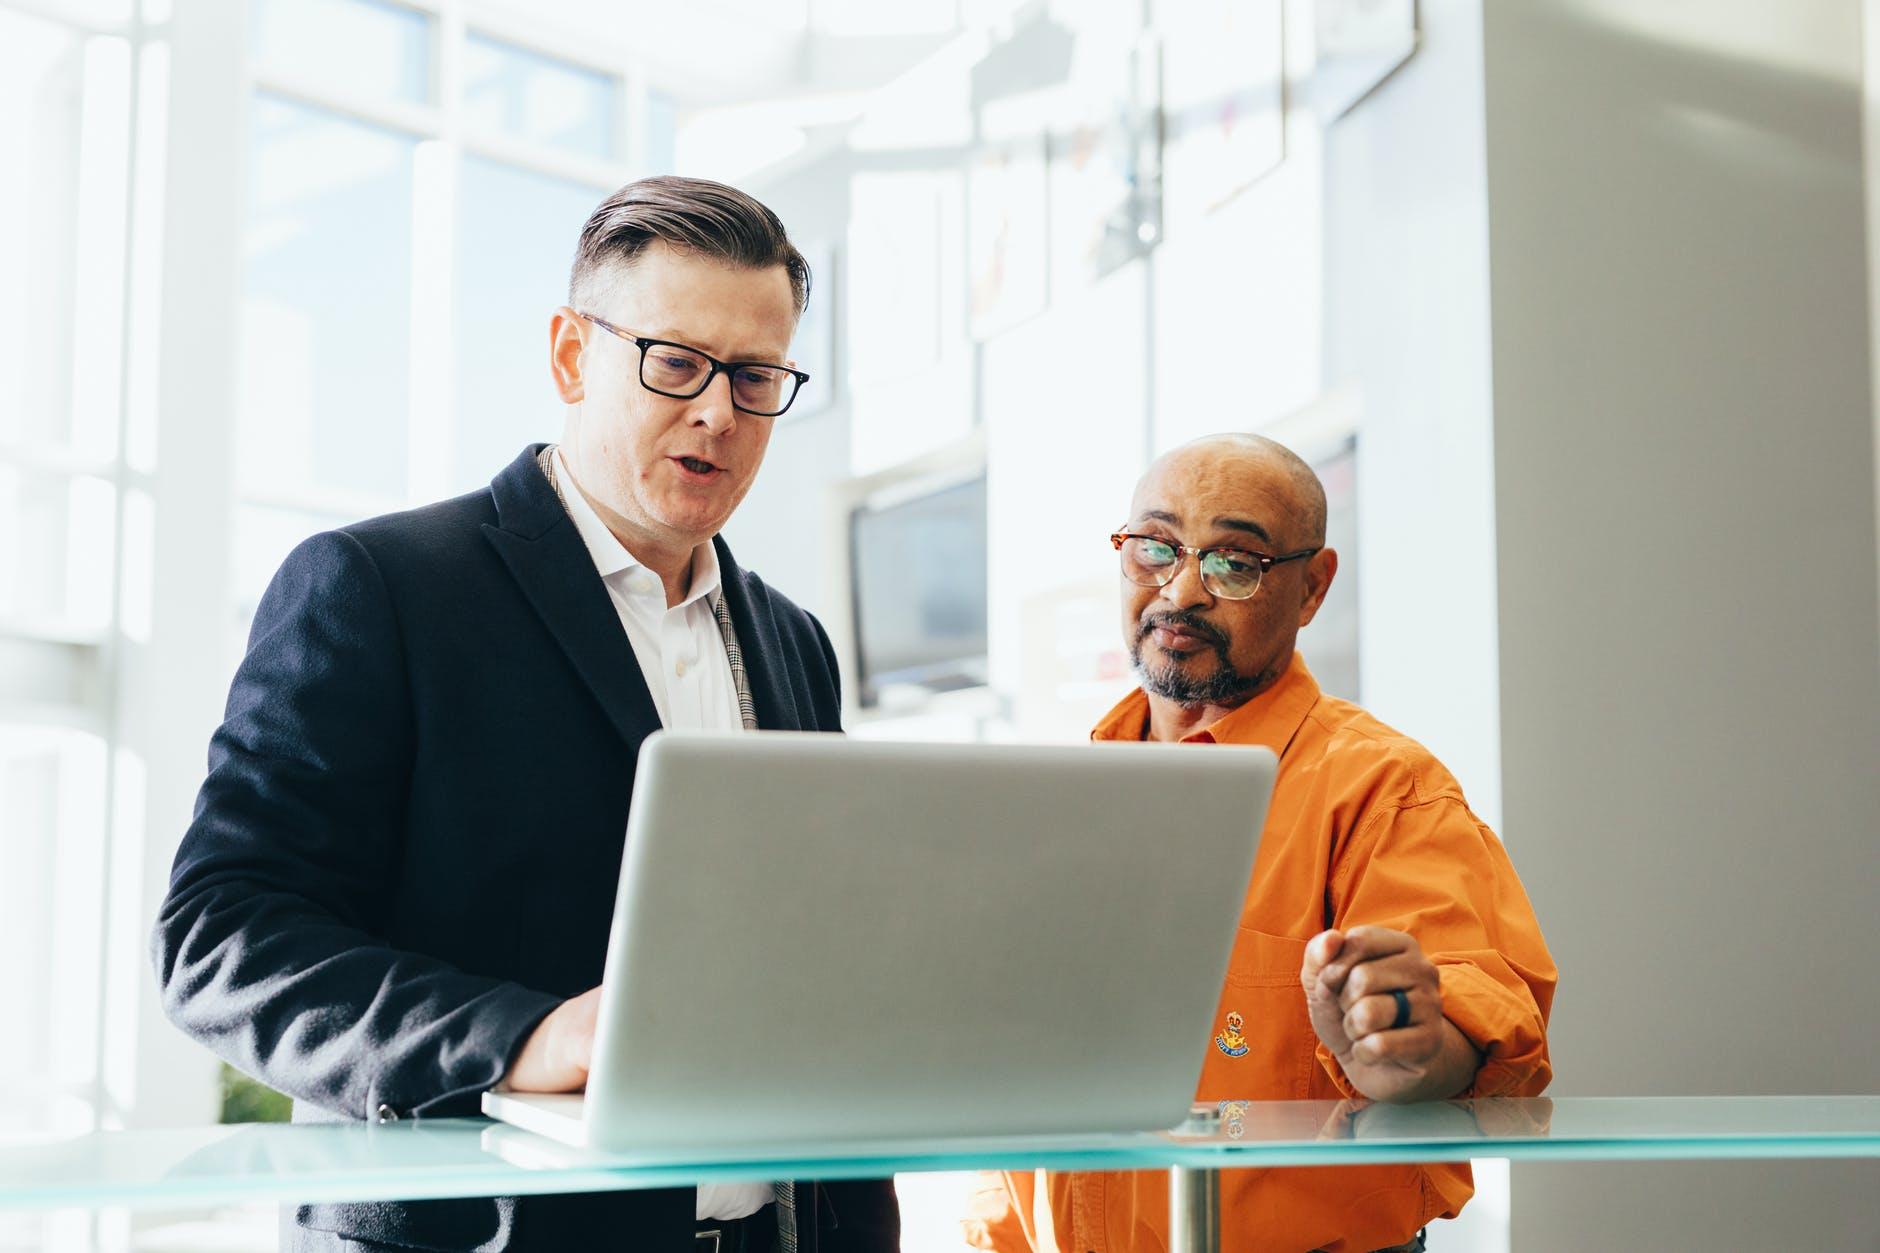 انتخاب سبک های مدیریتی بر چه مبنایی باید صورت بگیرد؟